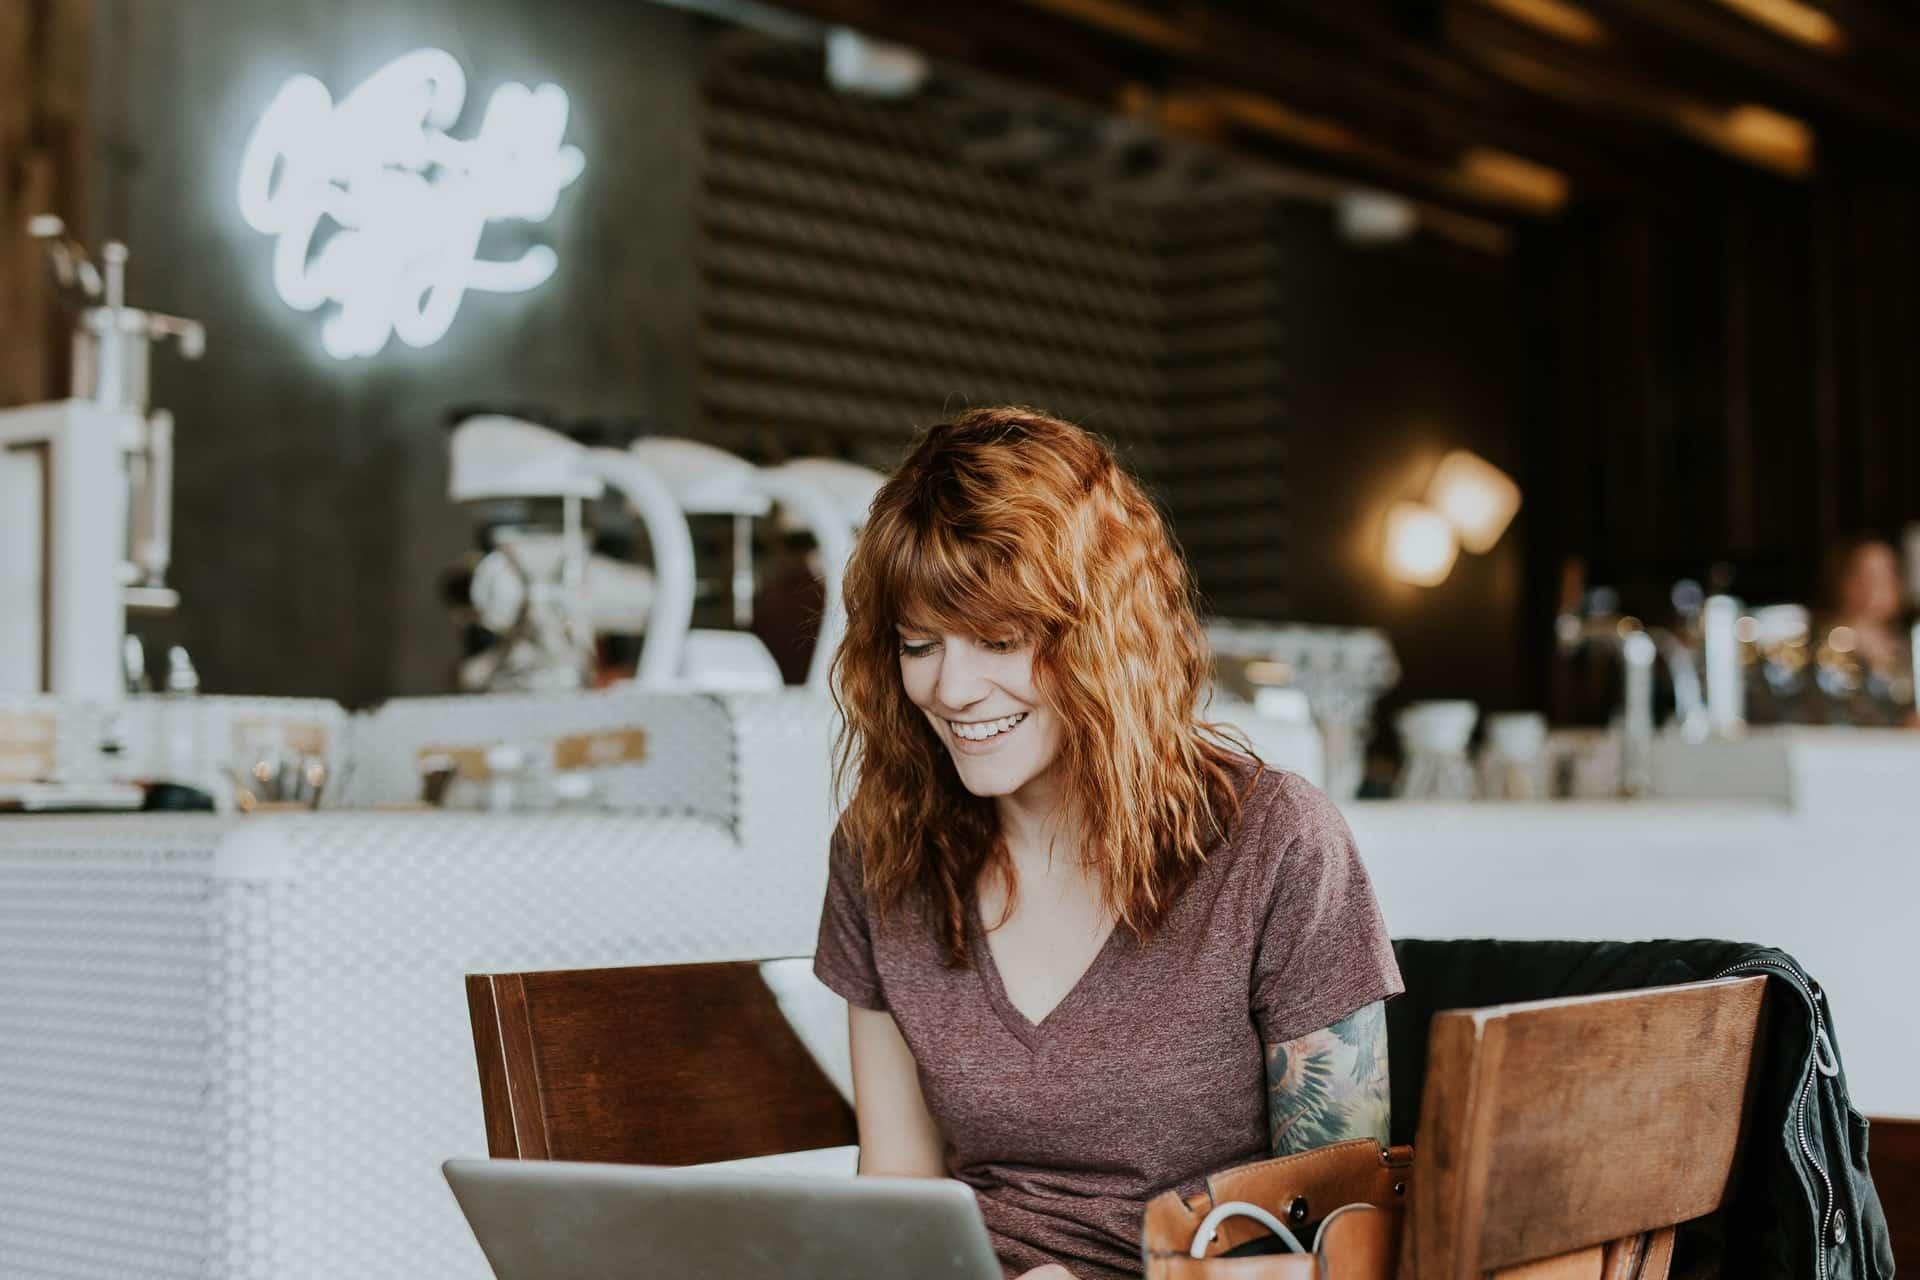 Ways Make Money Online Header Image